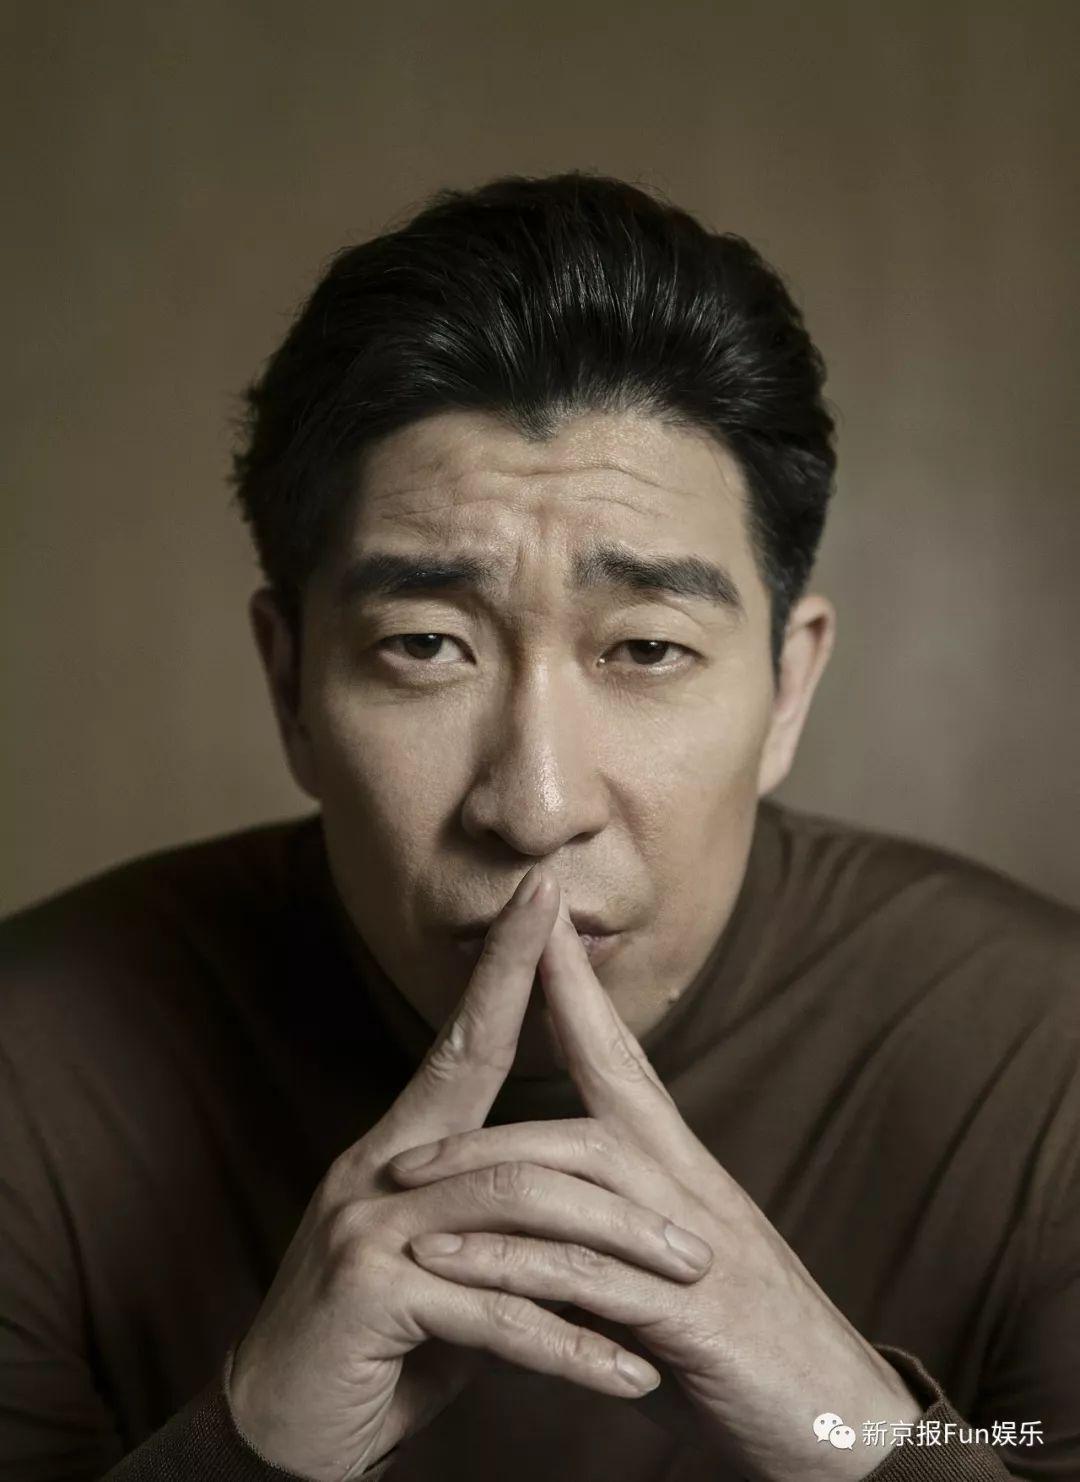 王千源:大家妖魔化了我的演技丨專訪